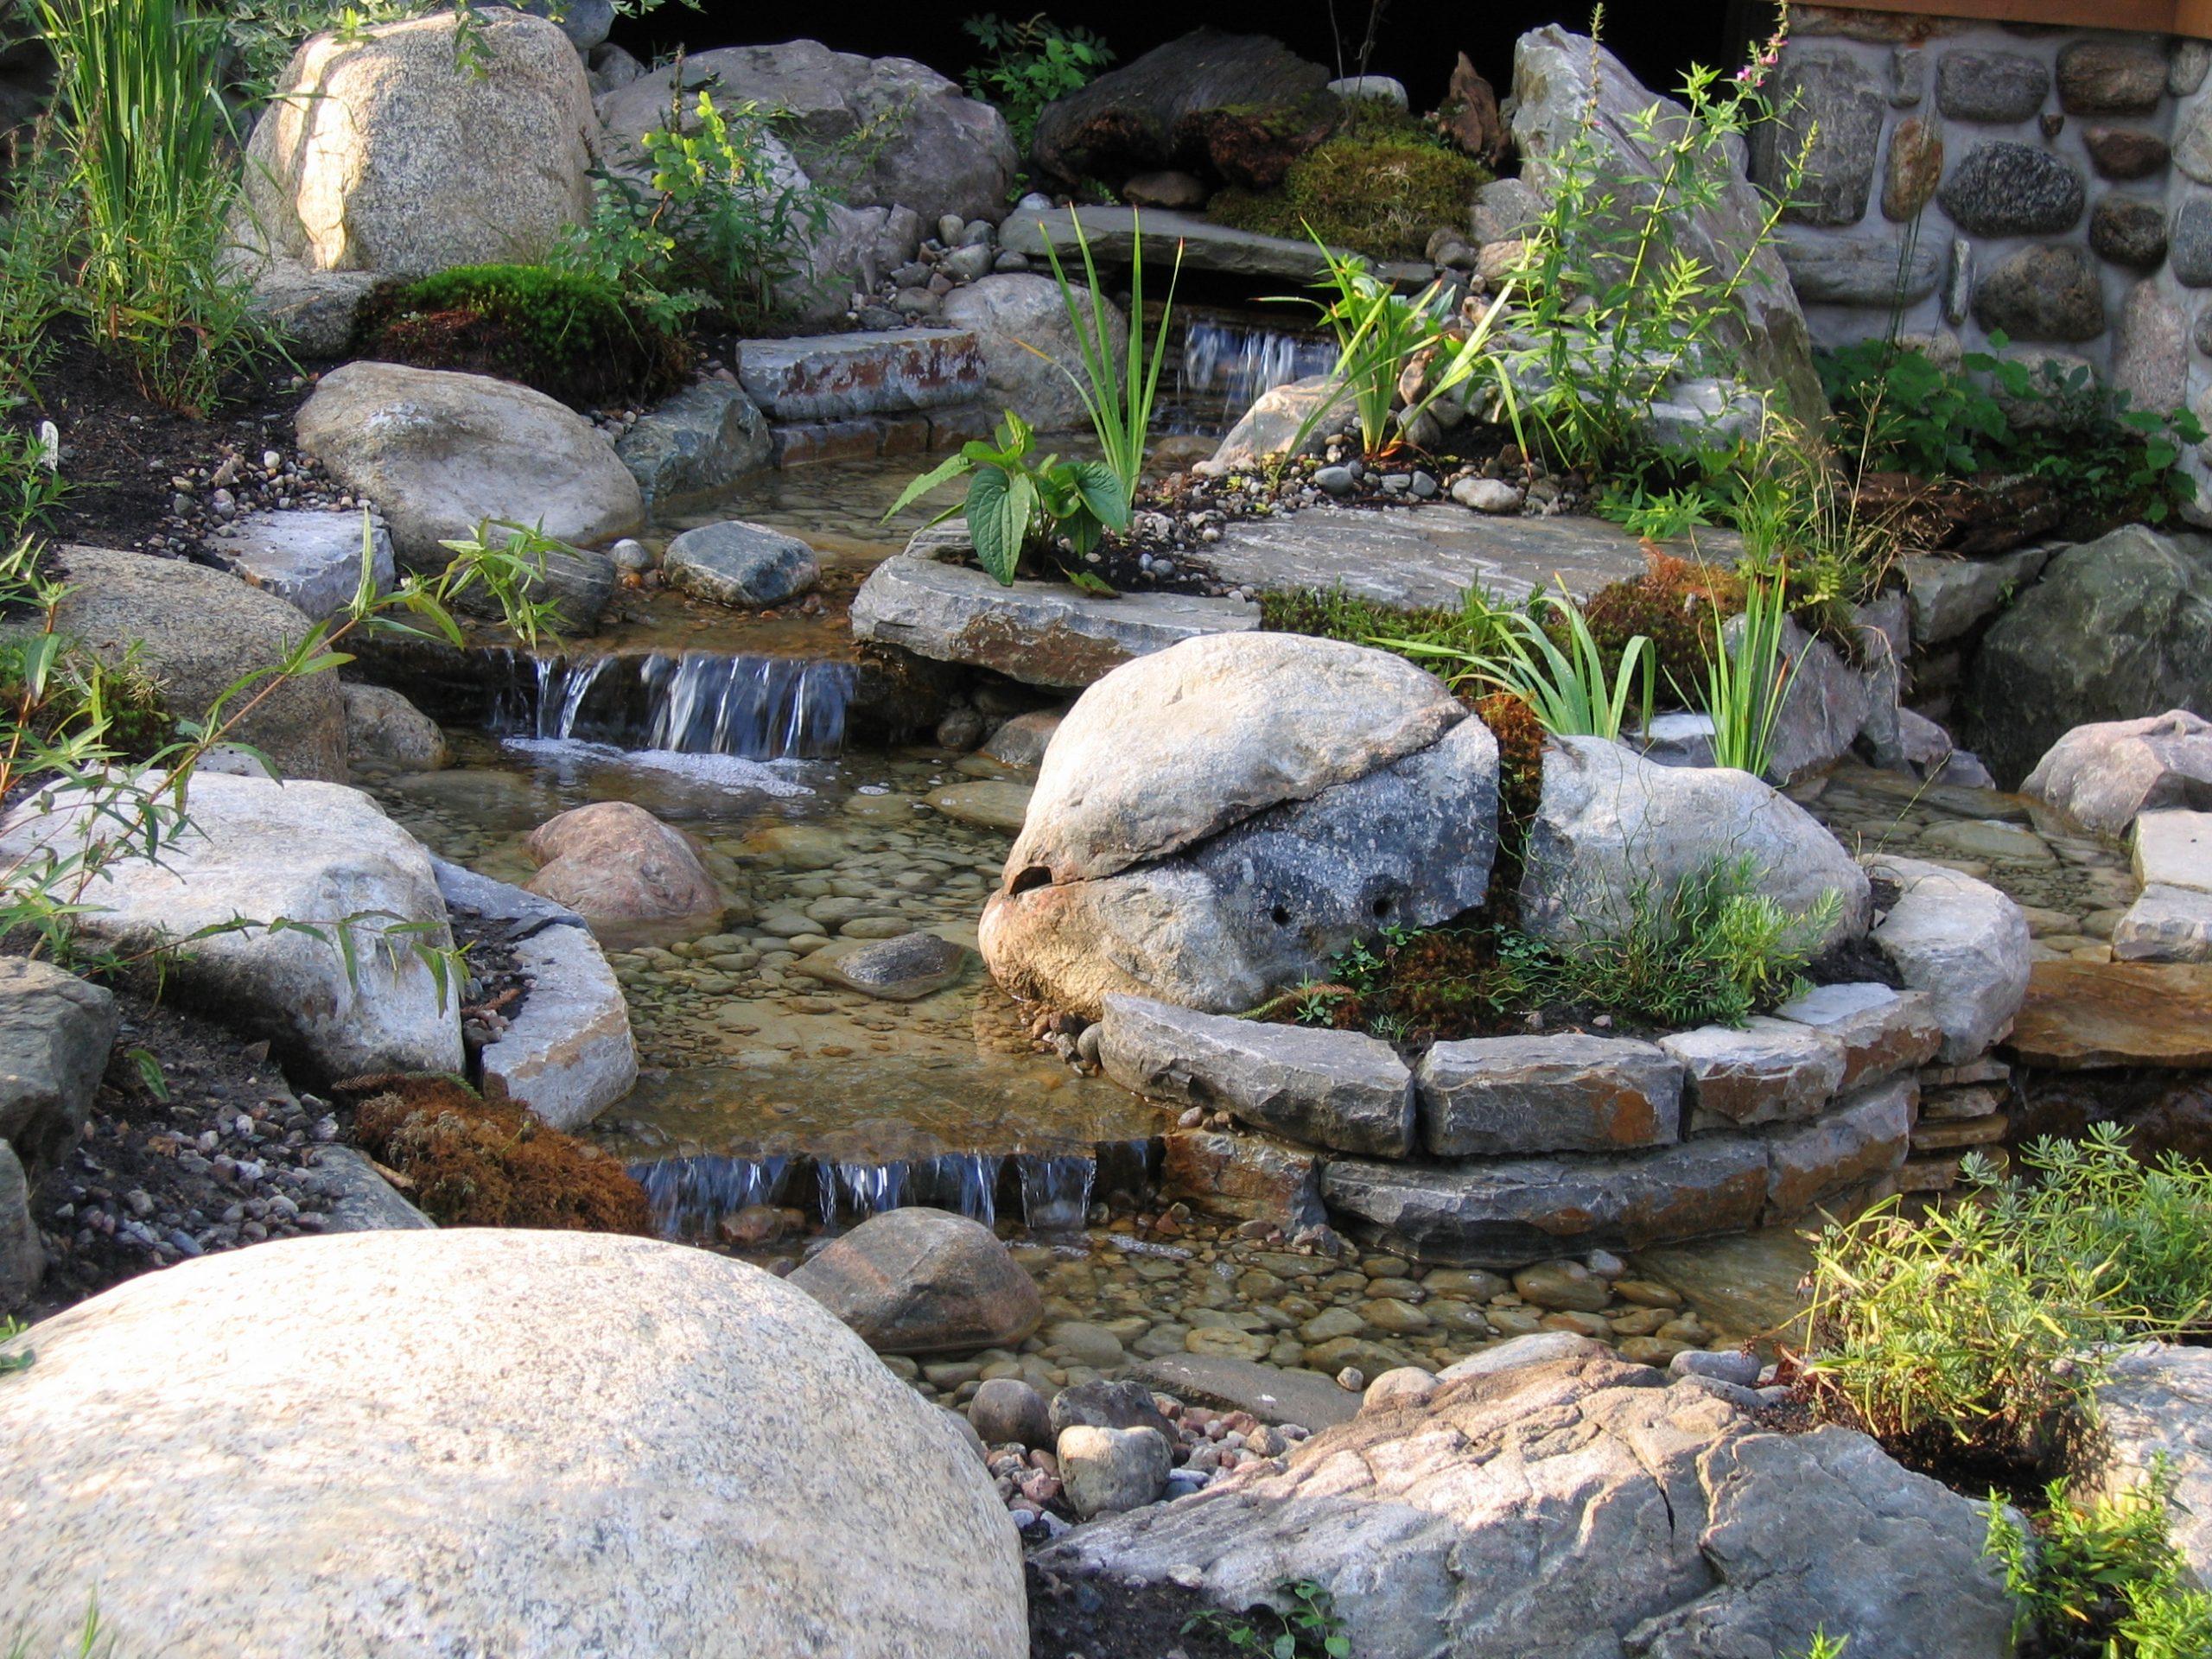 Projet Aménagement Paysager | Jardin D'eau | Maxhorti dedans Chute D Eau Bassin De Jardin